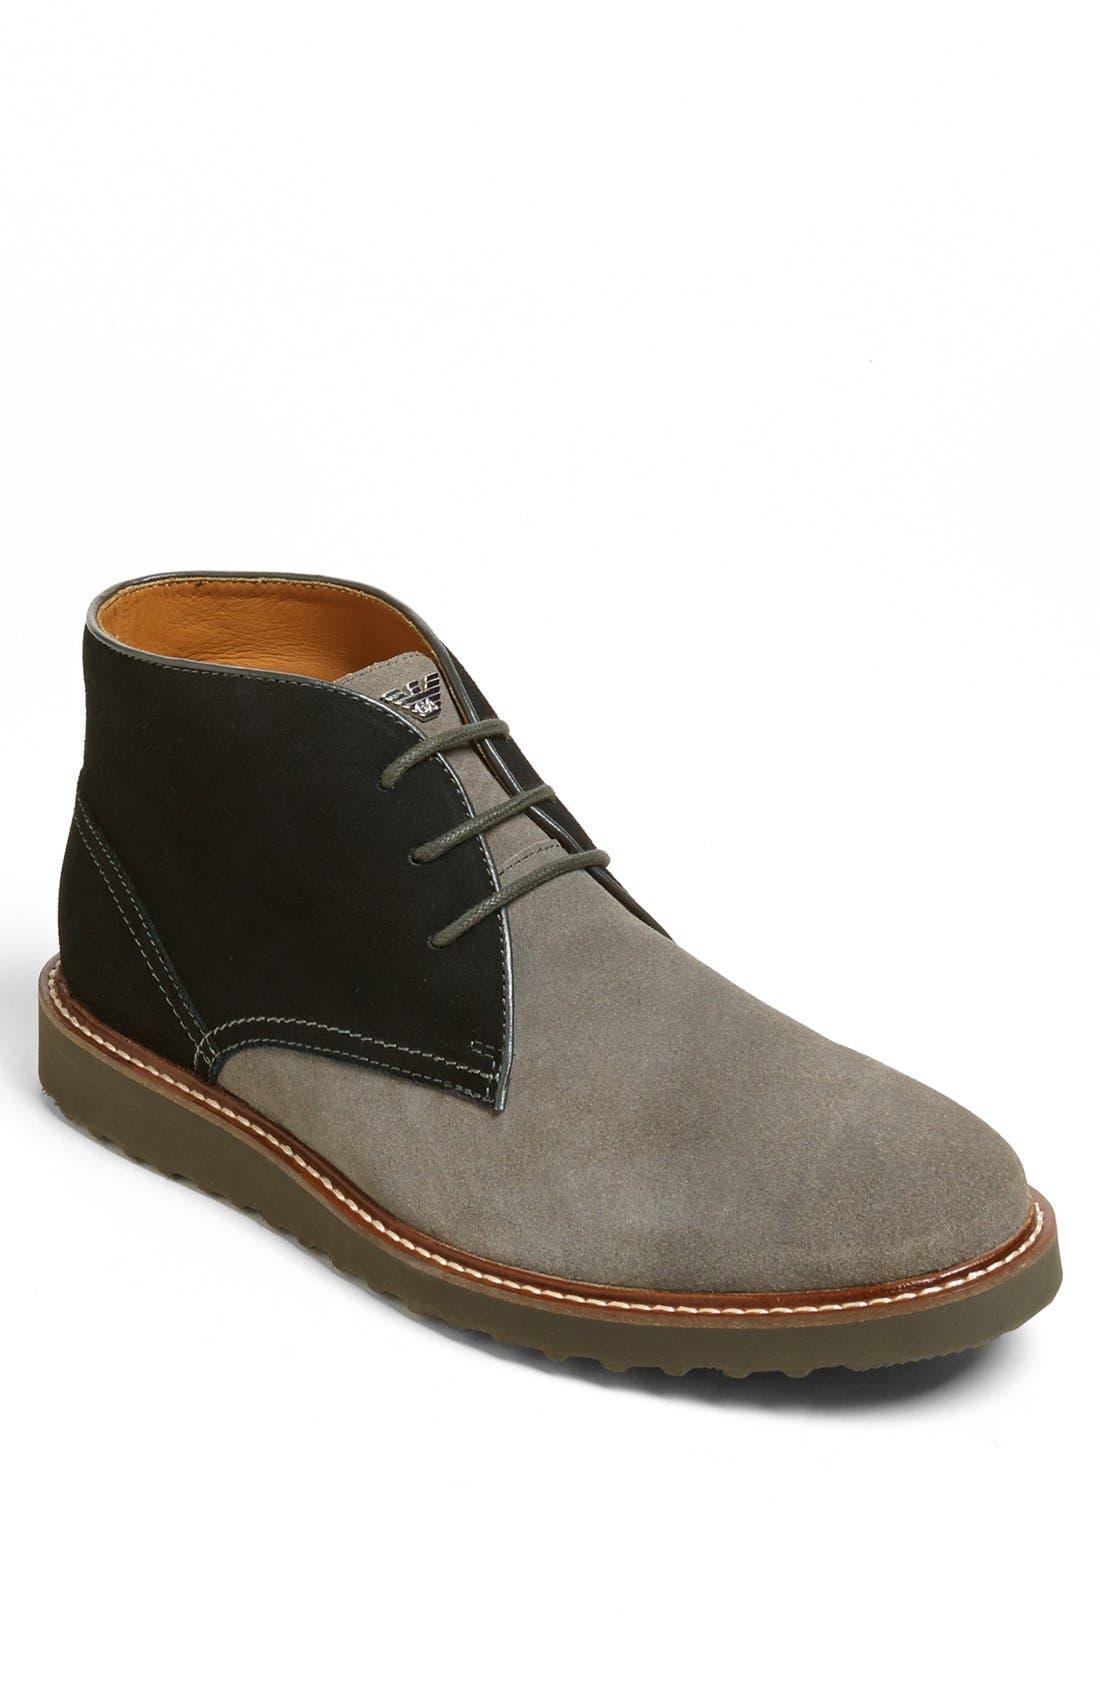 Alternate Image 1 Selected - Armani Jeans 'Desert' Chukka Boot (Men)